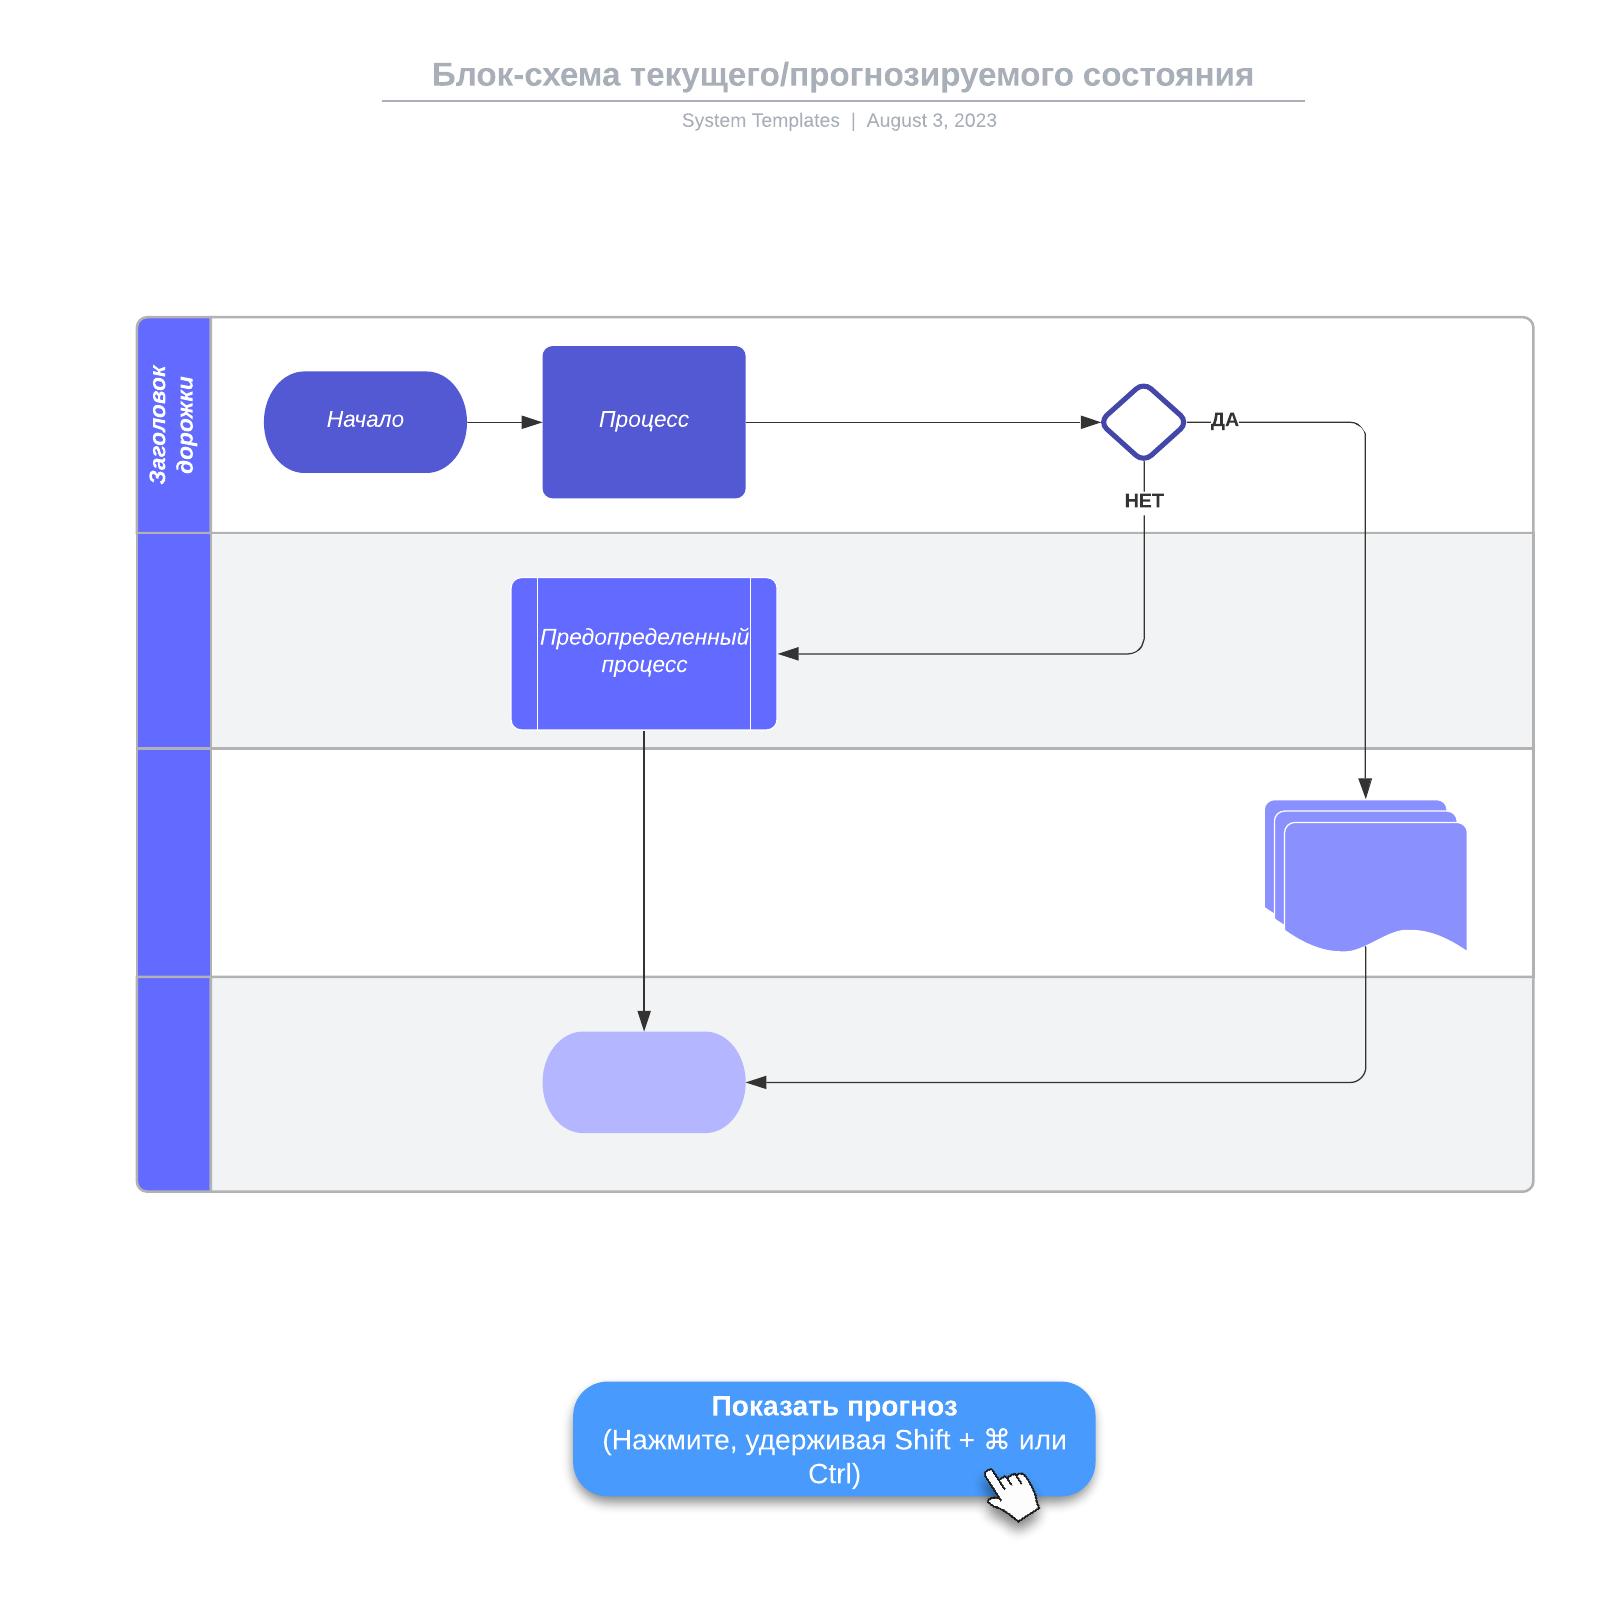 Блок-схема текущего/прогнозируемого состояния